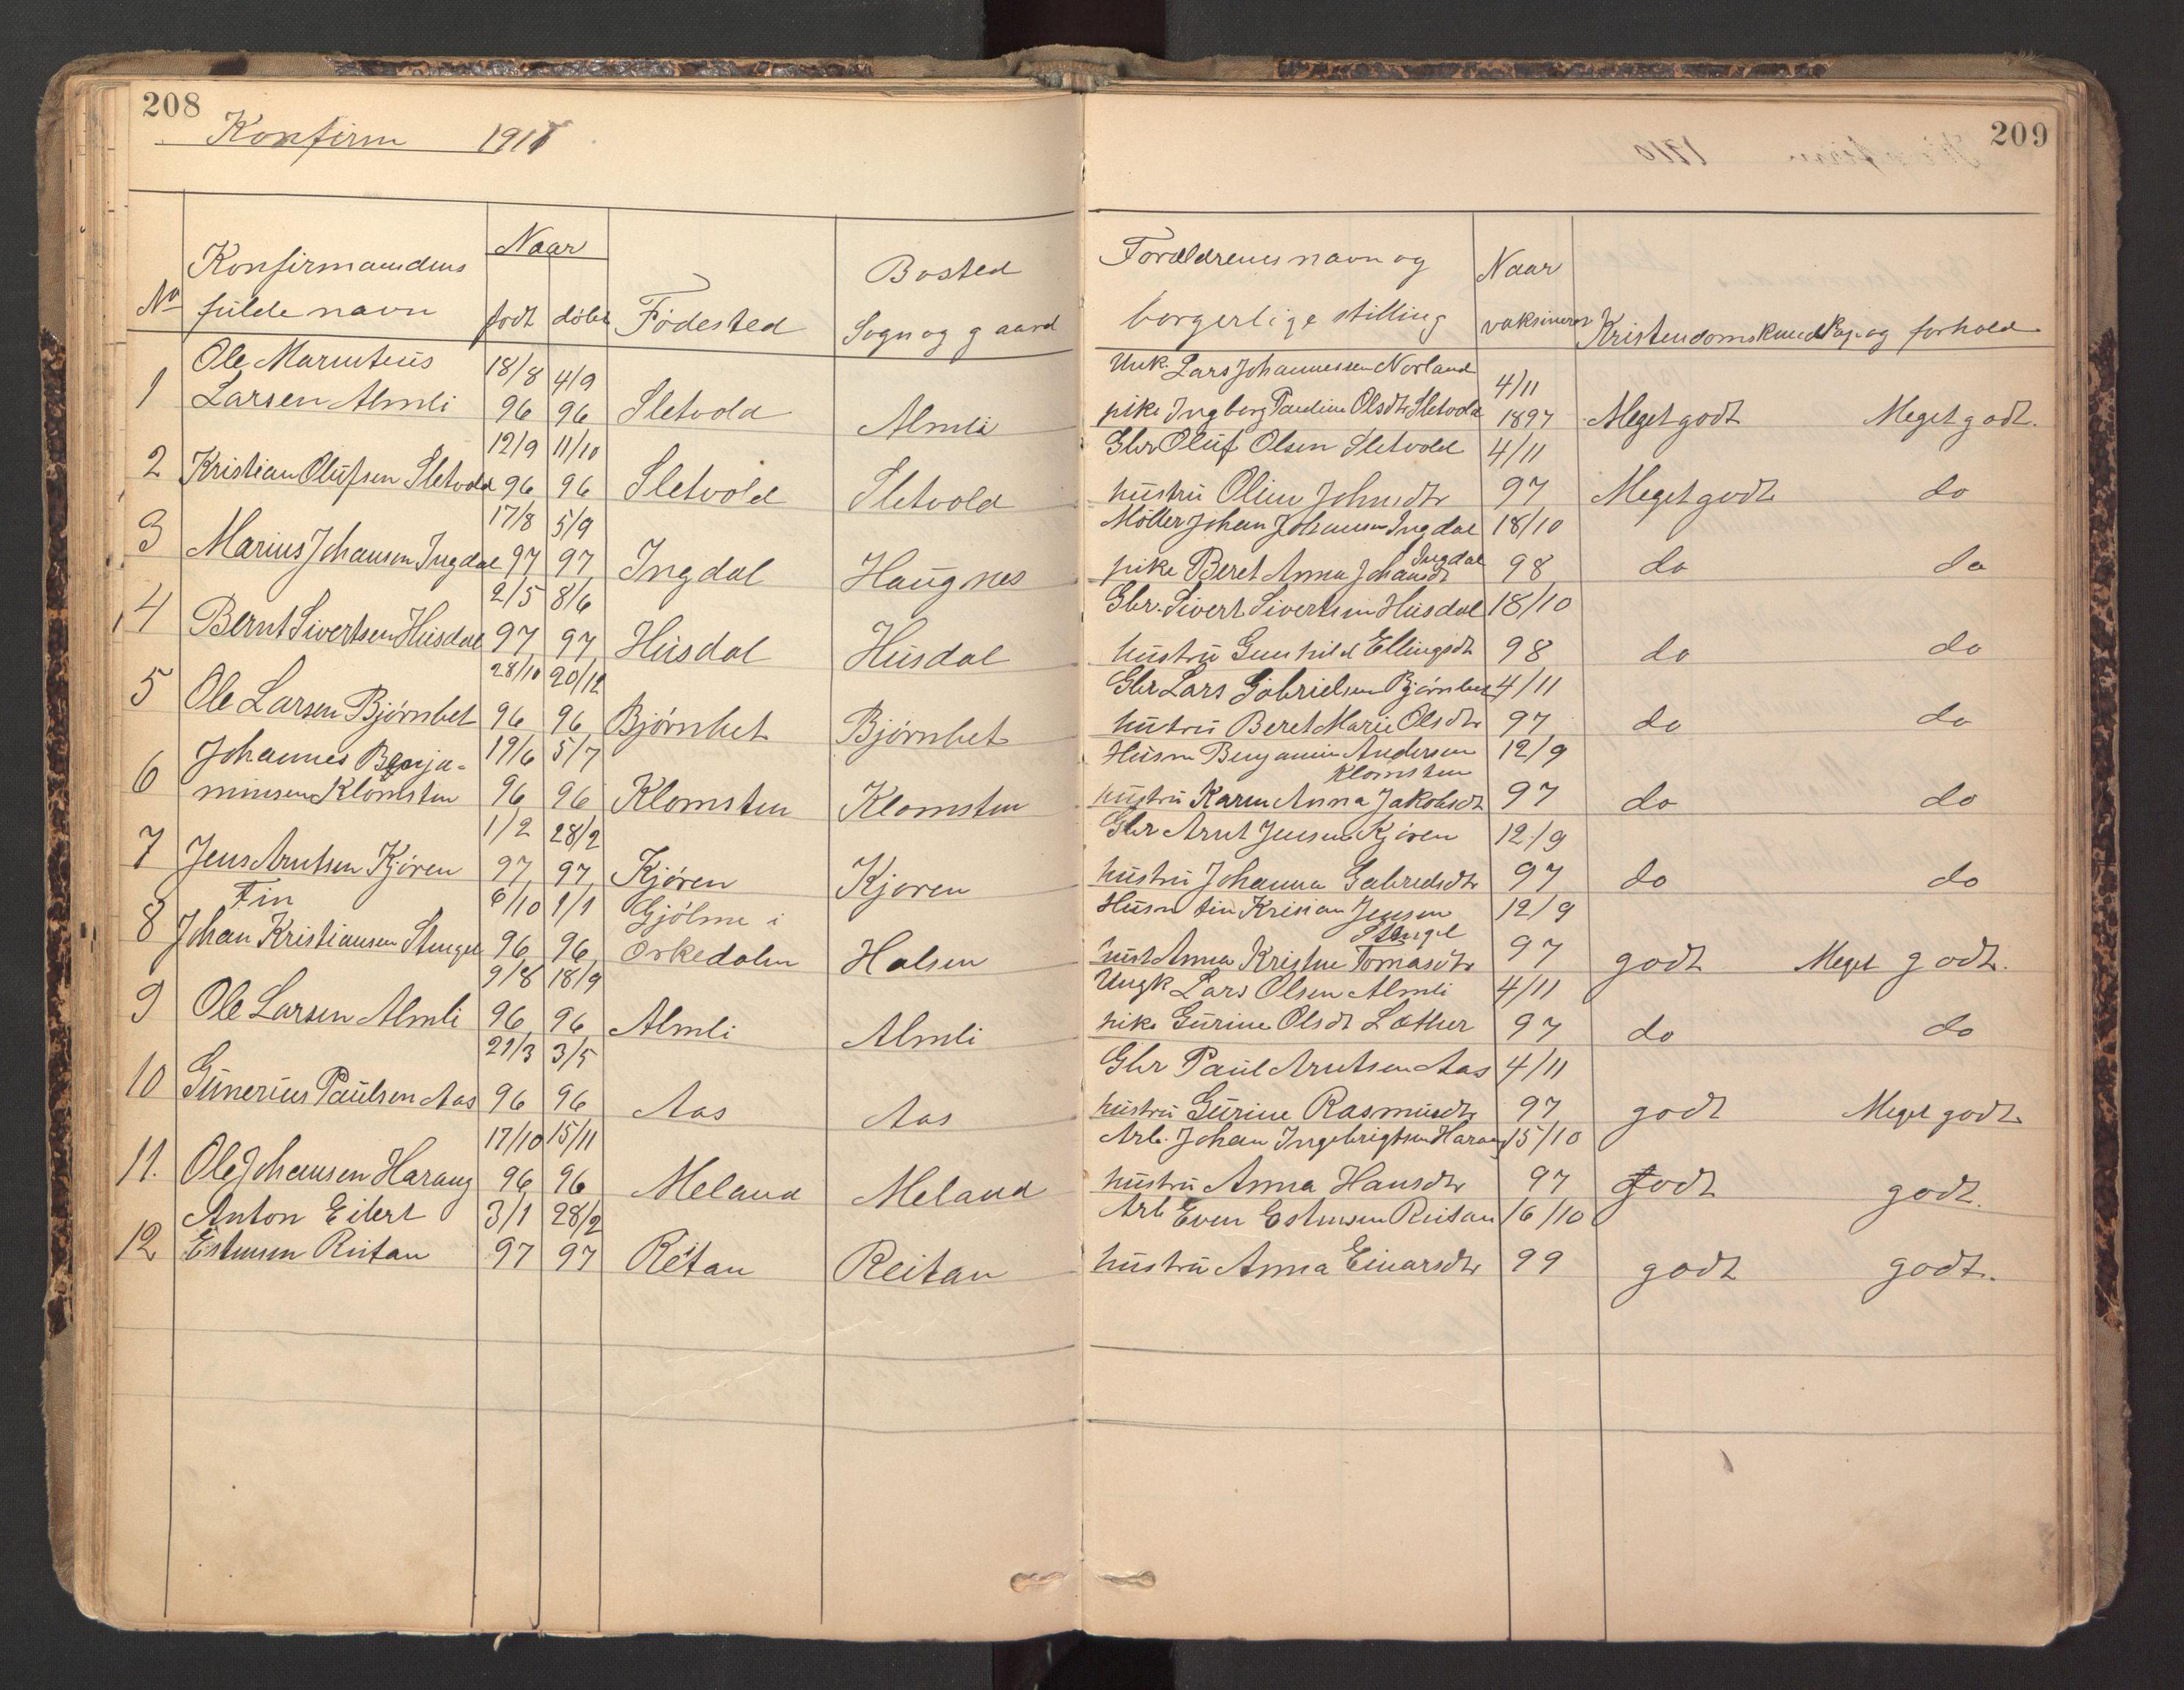 SAT, Ministerialprotokoller, klokkerbøker og fødselsregistre - Sør-Trøndelag, 670/L0837: Klokkerbok nr. 670C01, 1905-1946, s. 208-209